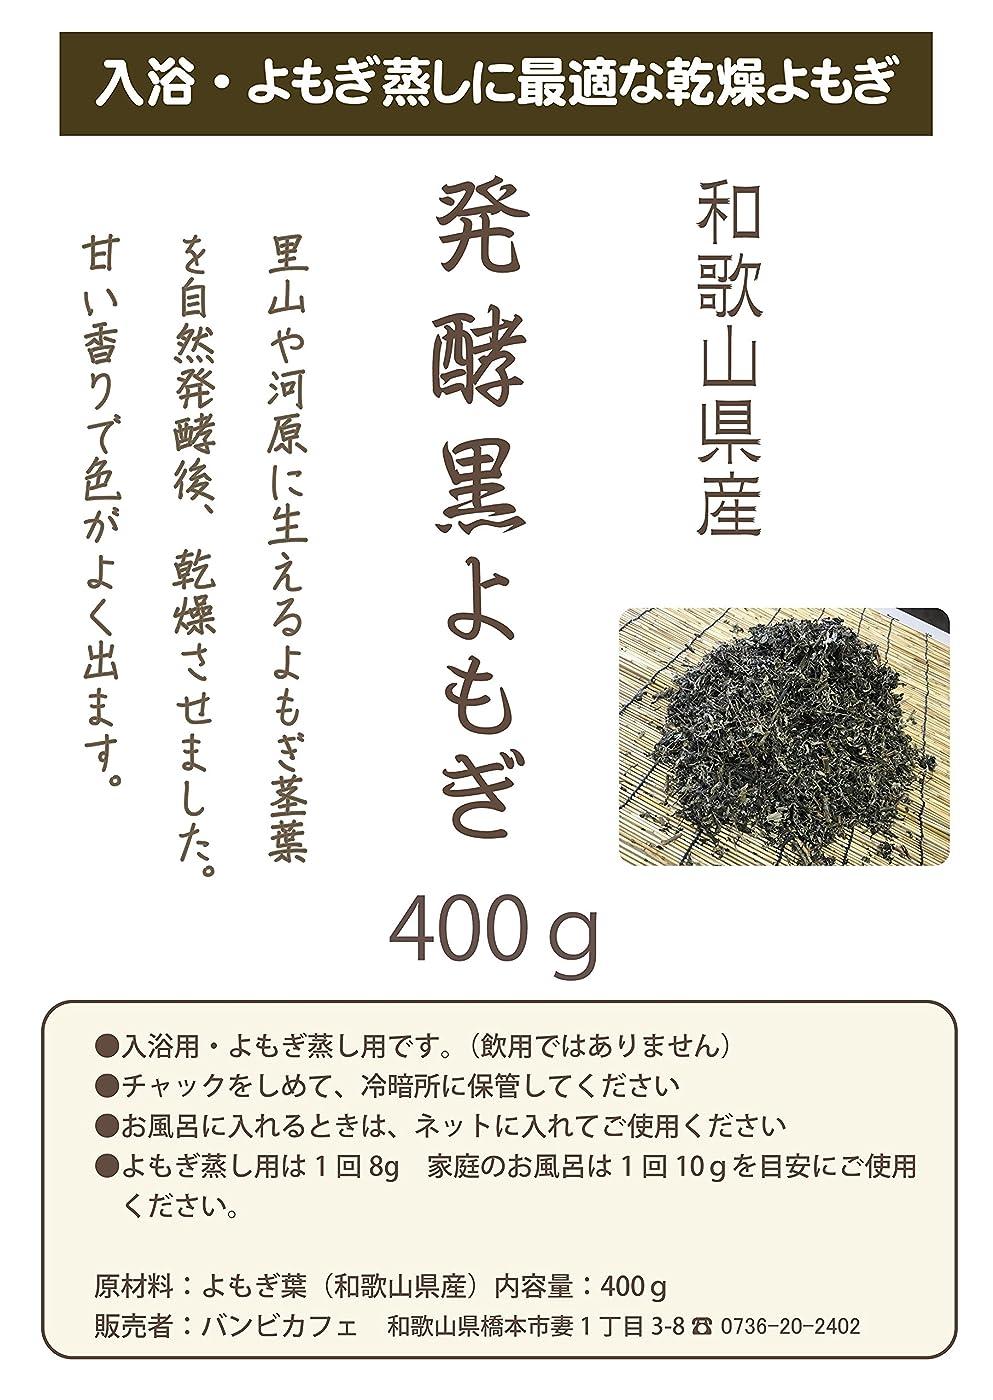 修士号予測するビット発酵黒よもぎ 400g 乾燥 和歌山県産 入浴用に特化発酵 黒 よもぎ